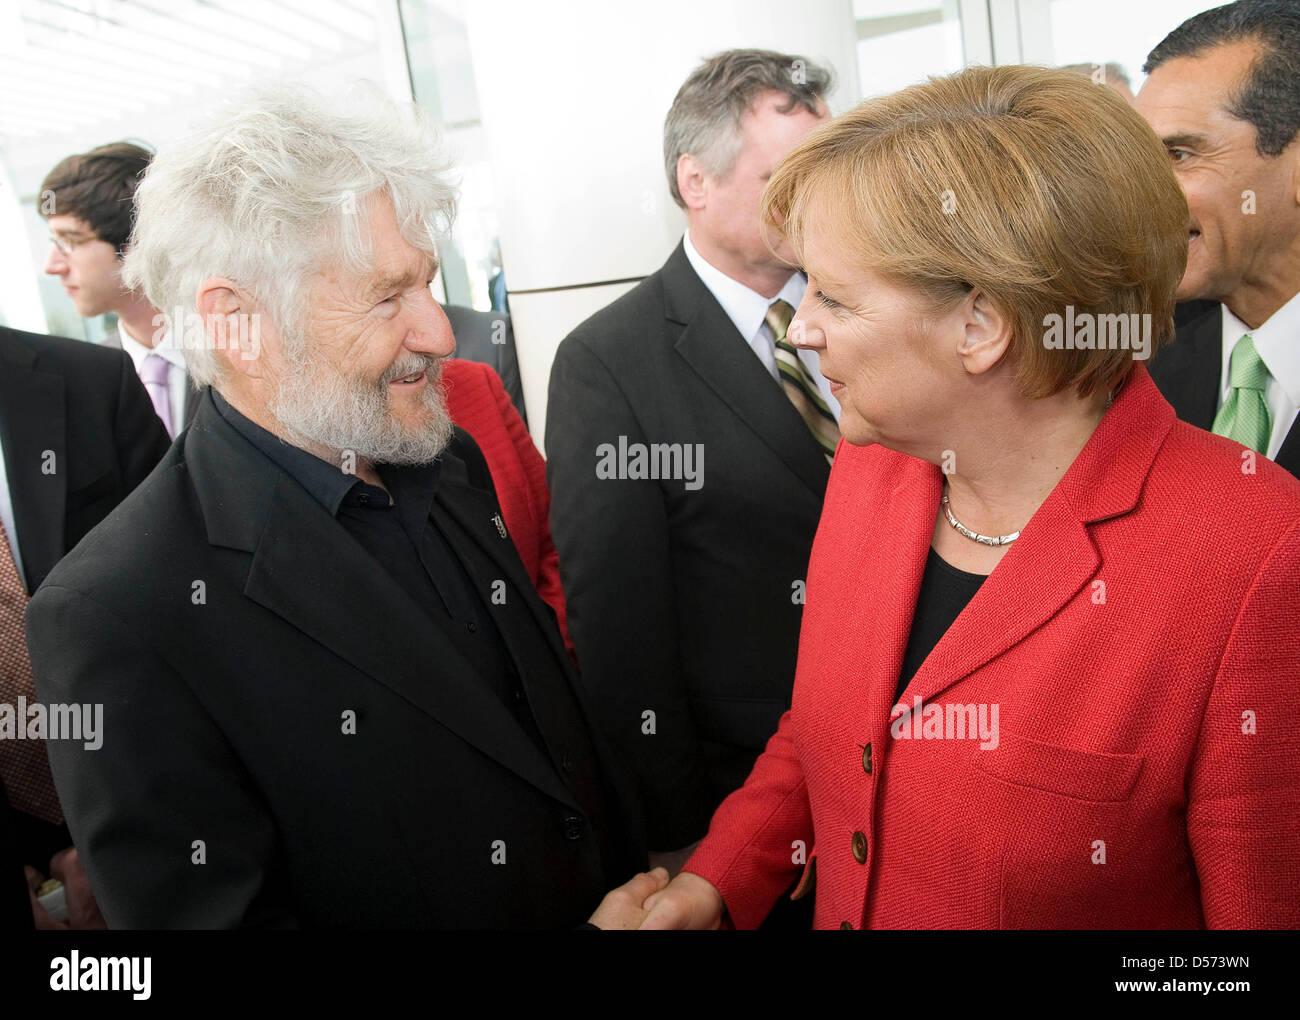 Angela Merkel und Opern-Regisseur Bundeskanzlerin Achim Freyer am 14.04.2010 bei einem Empfang auf dem Getty Center. Foto: Bundespresseamt/ Guido Bergmann Foto de stock